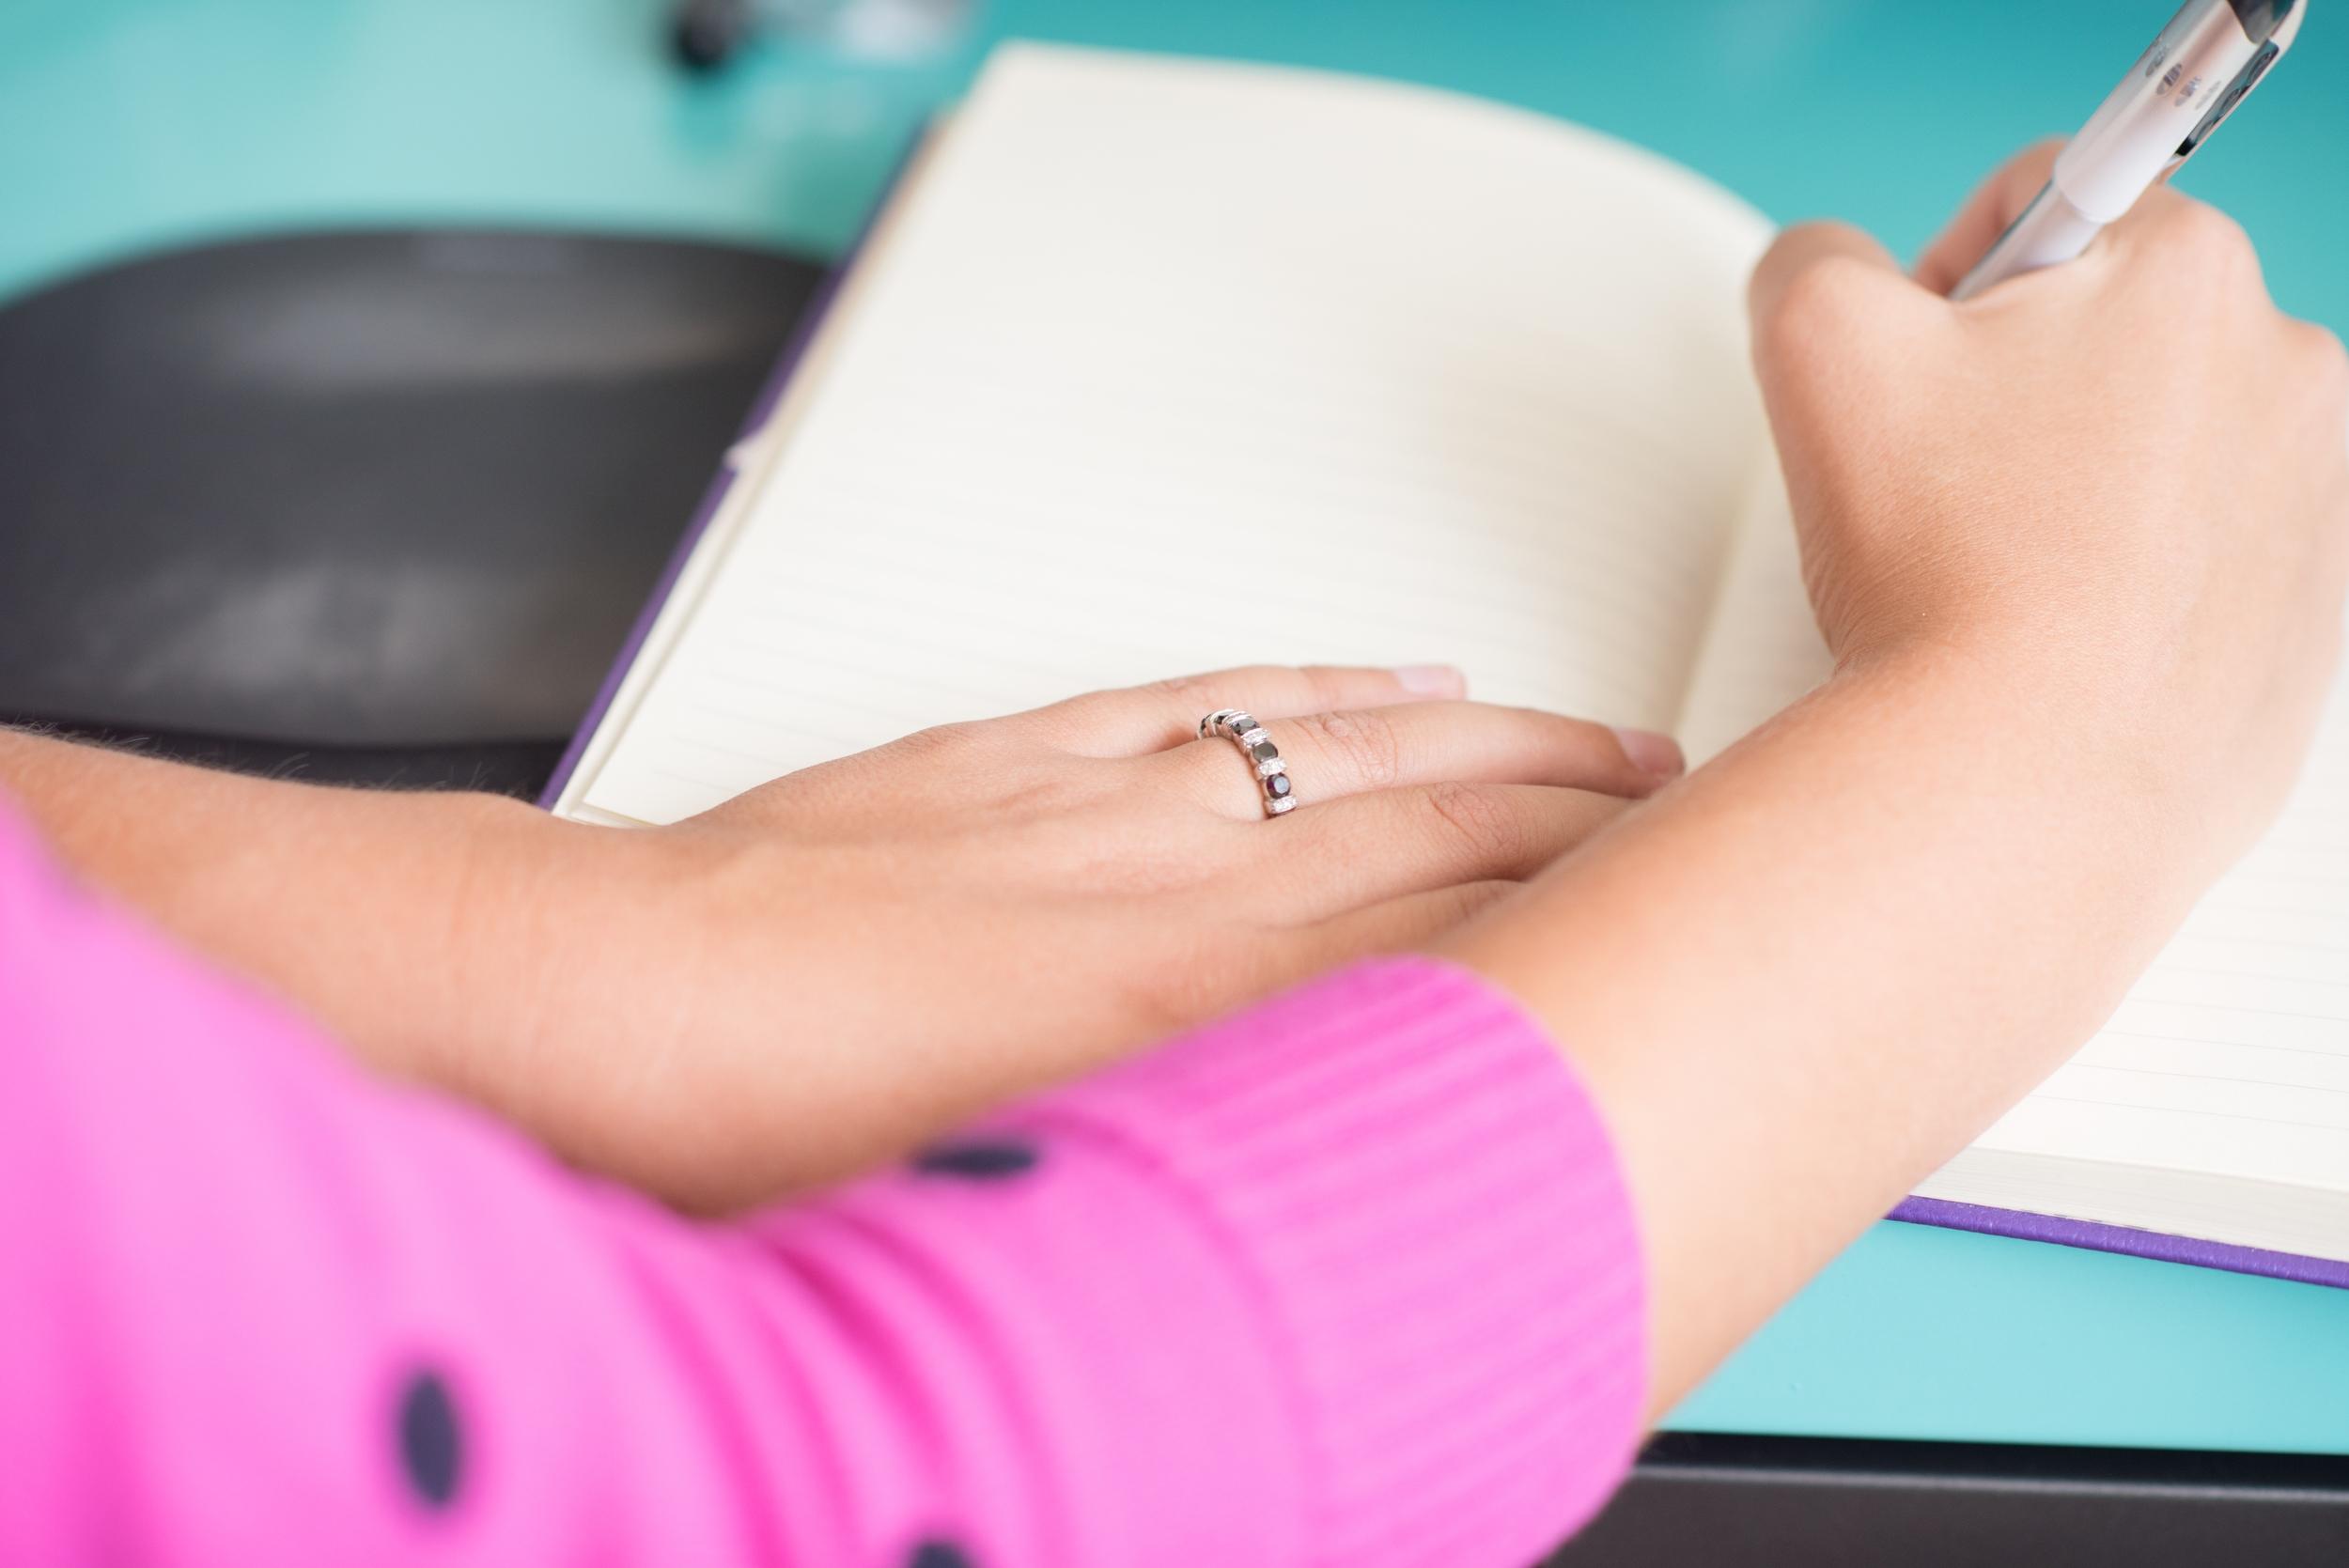 teach a ceo - Entrepreneurs List Their Favorite Business Books